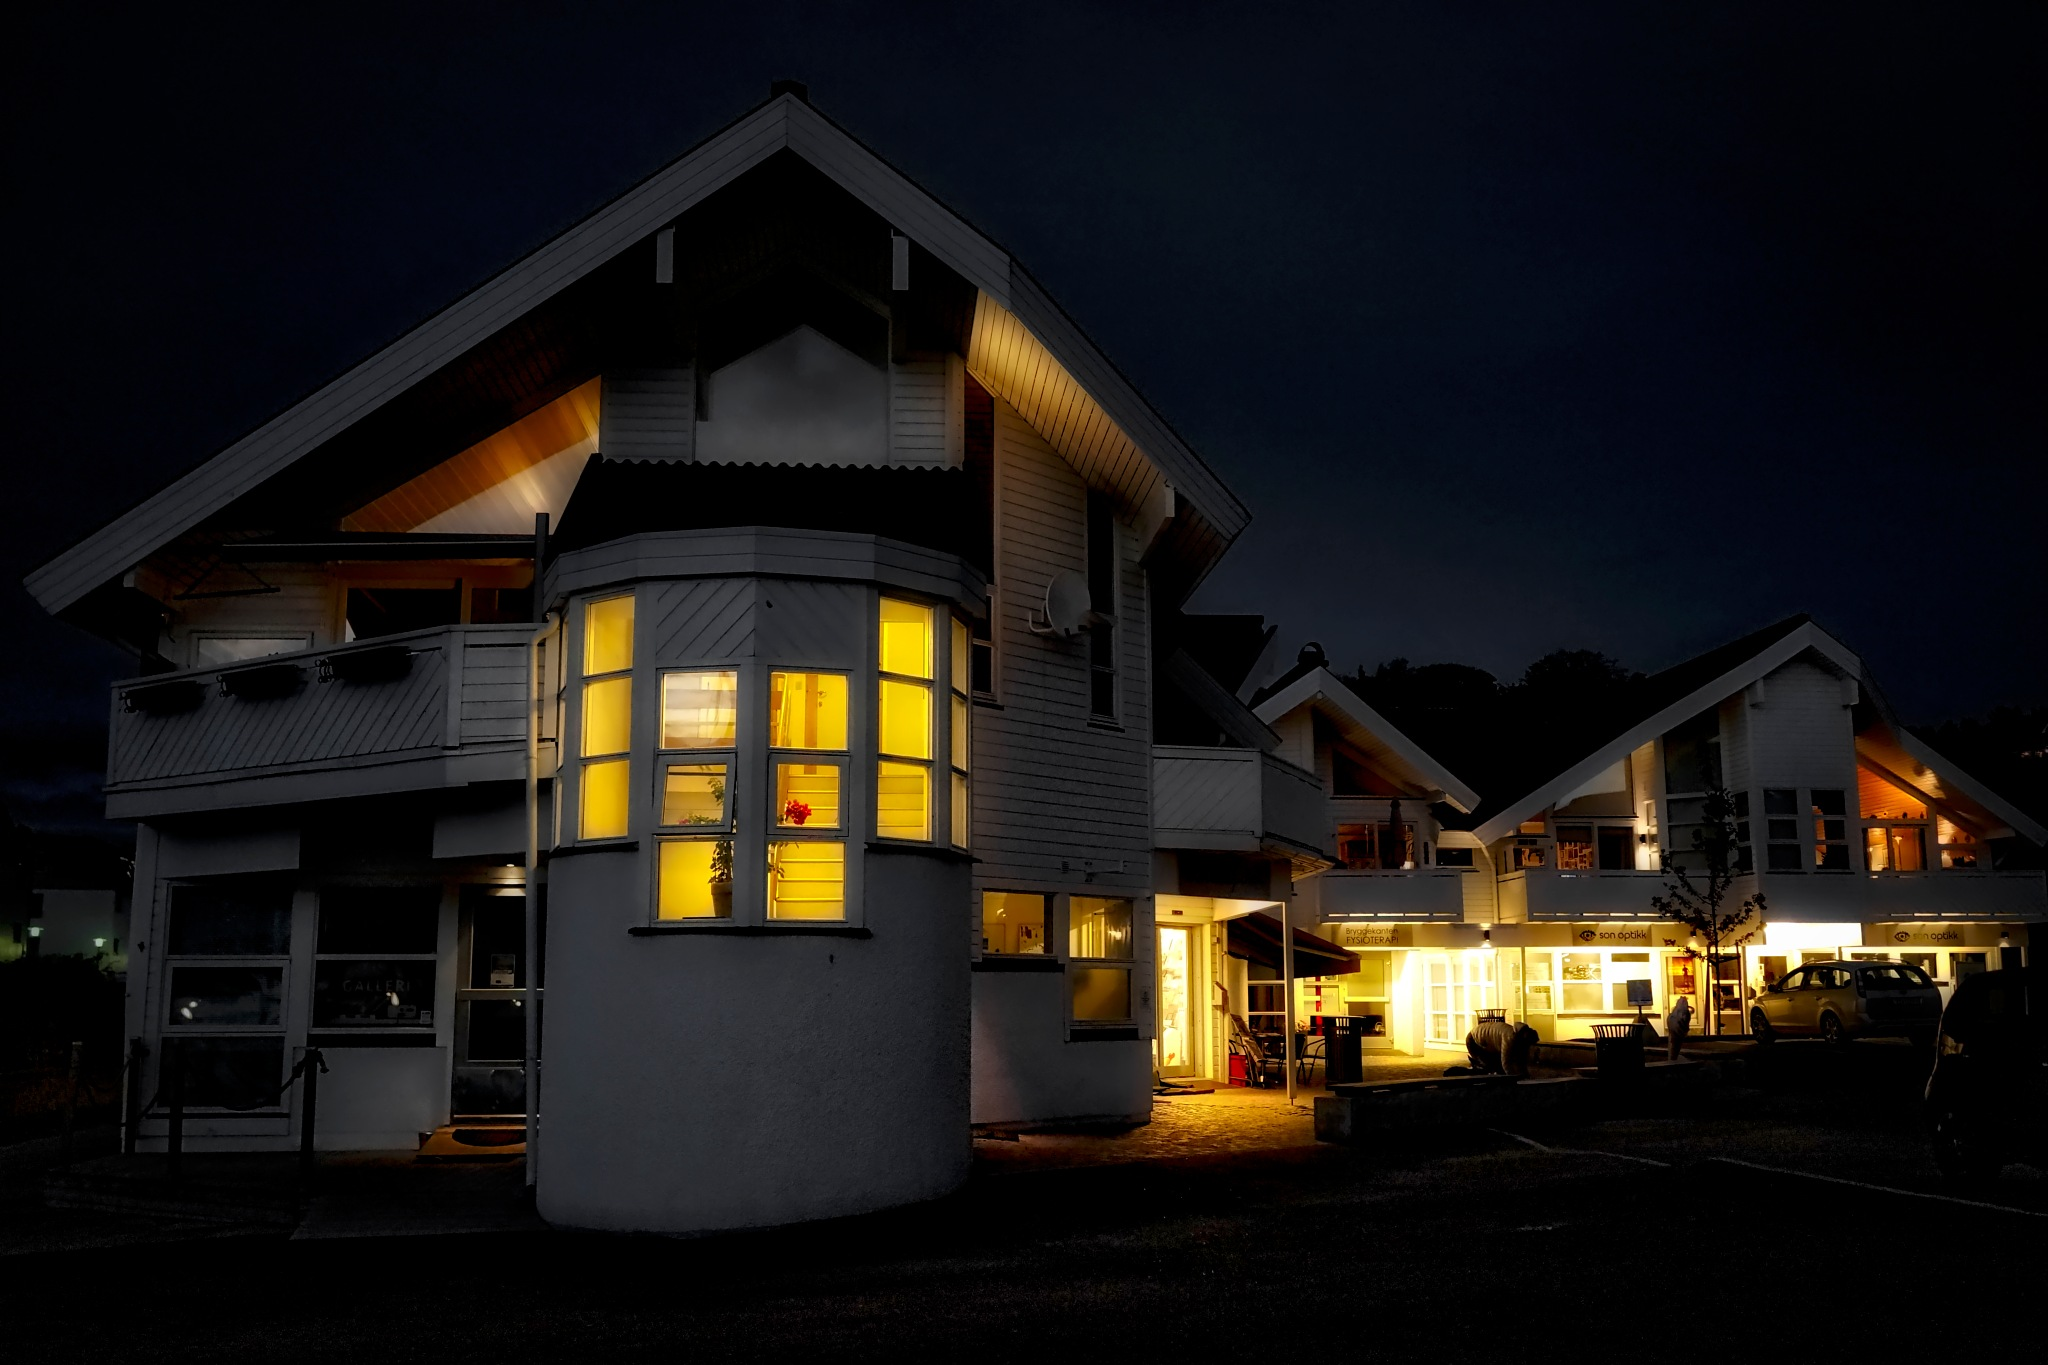 Saturday´s Evening in Norwegian village by Goran Jorganovich